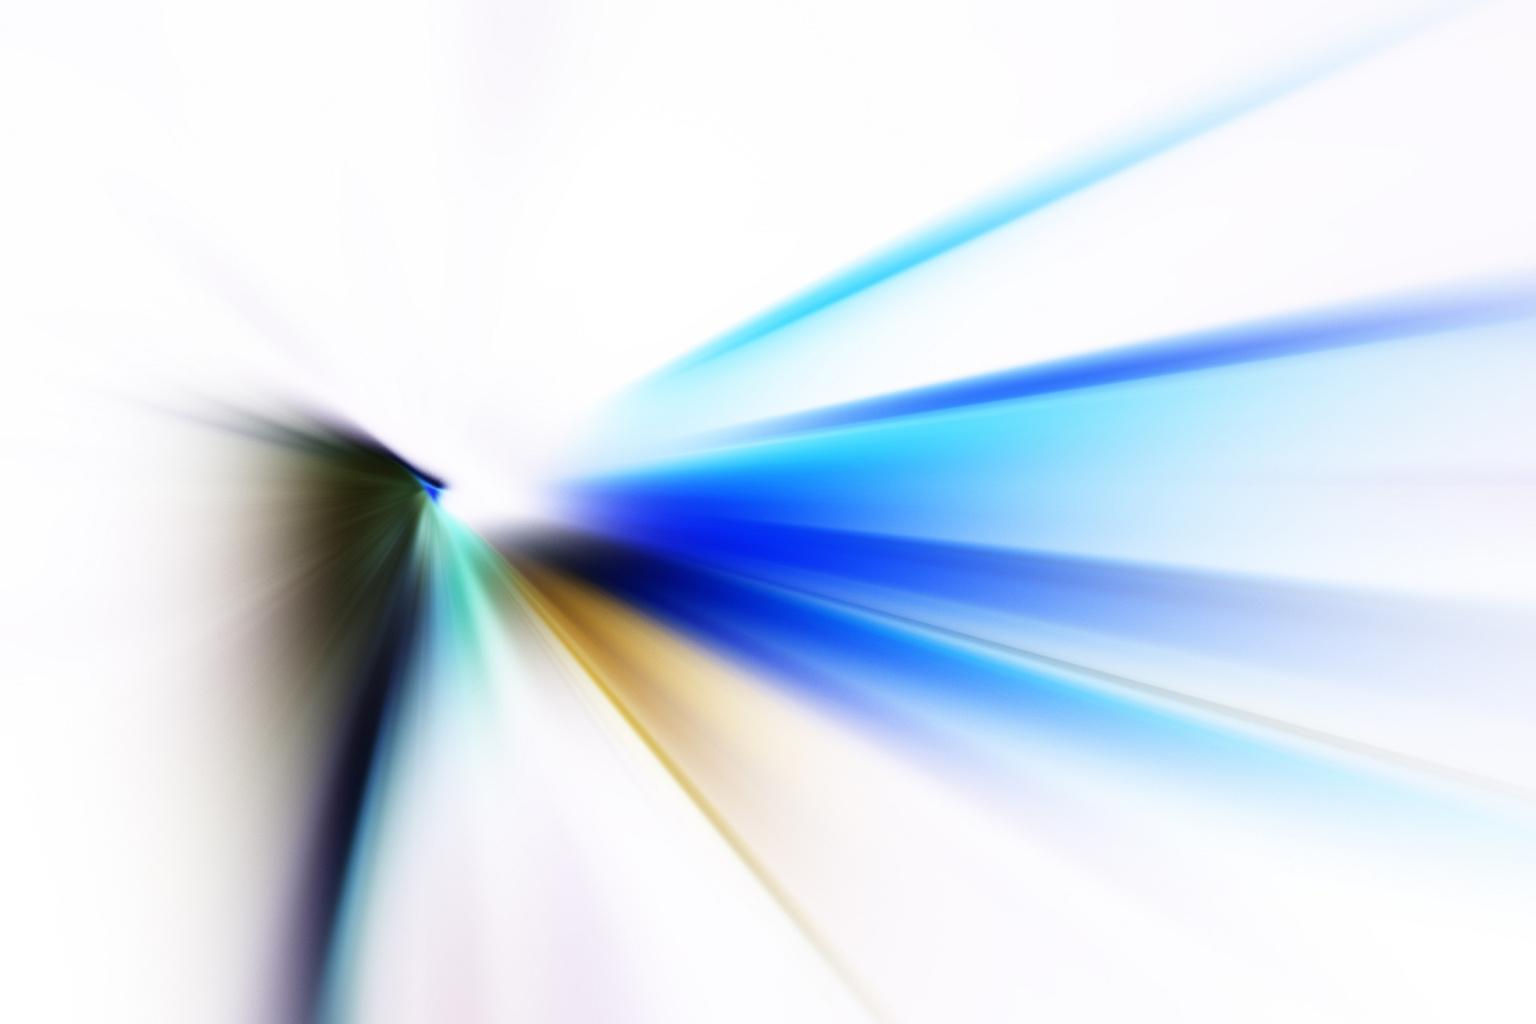 Hình ảnh slide trắng đẹp